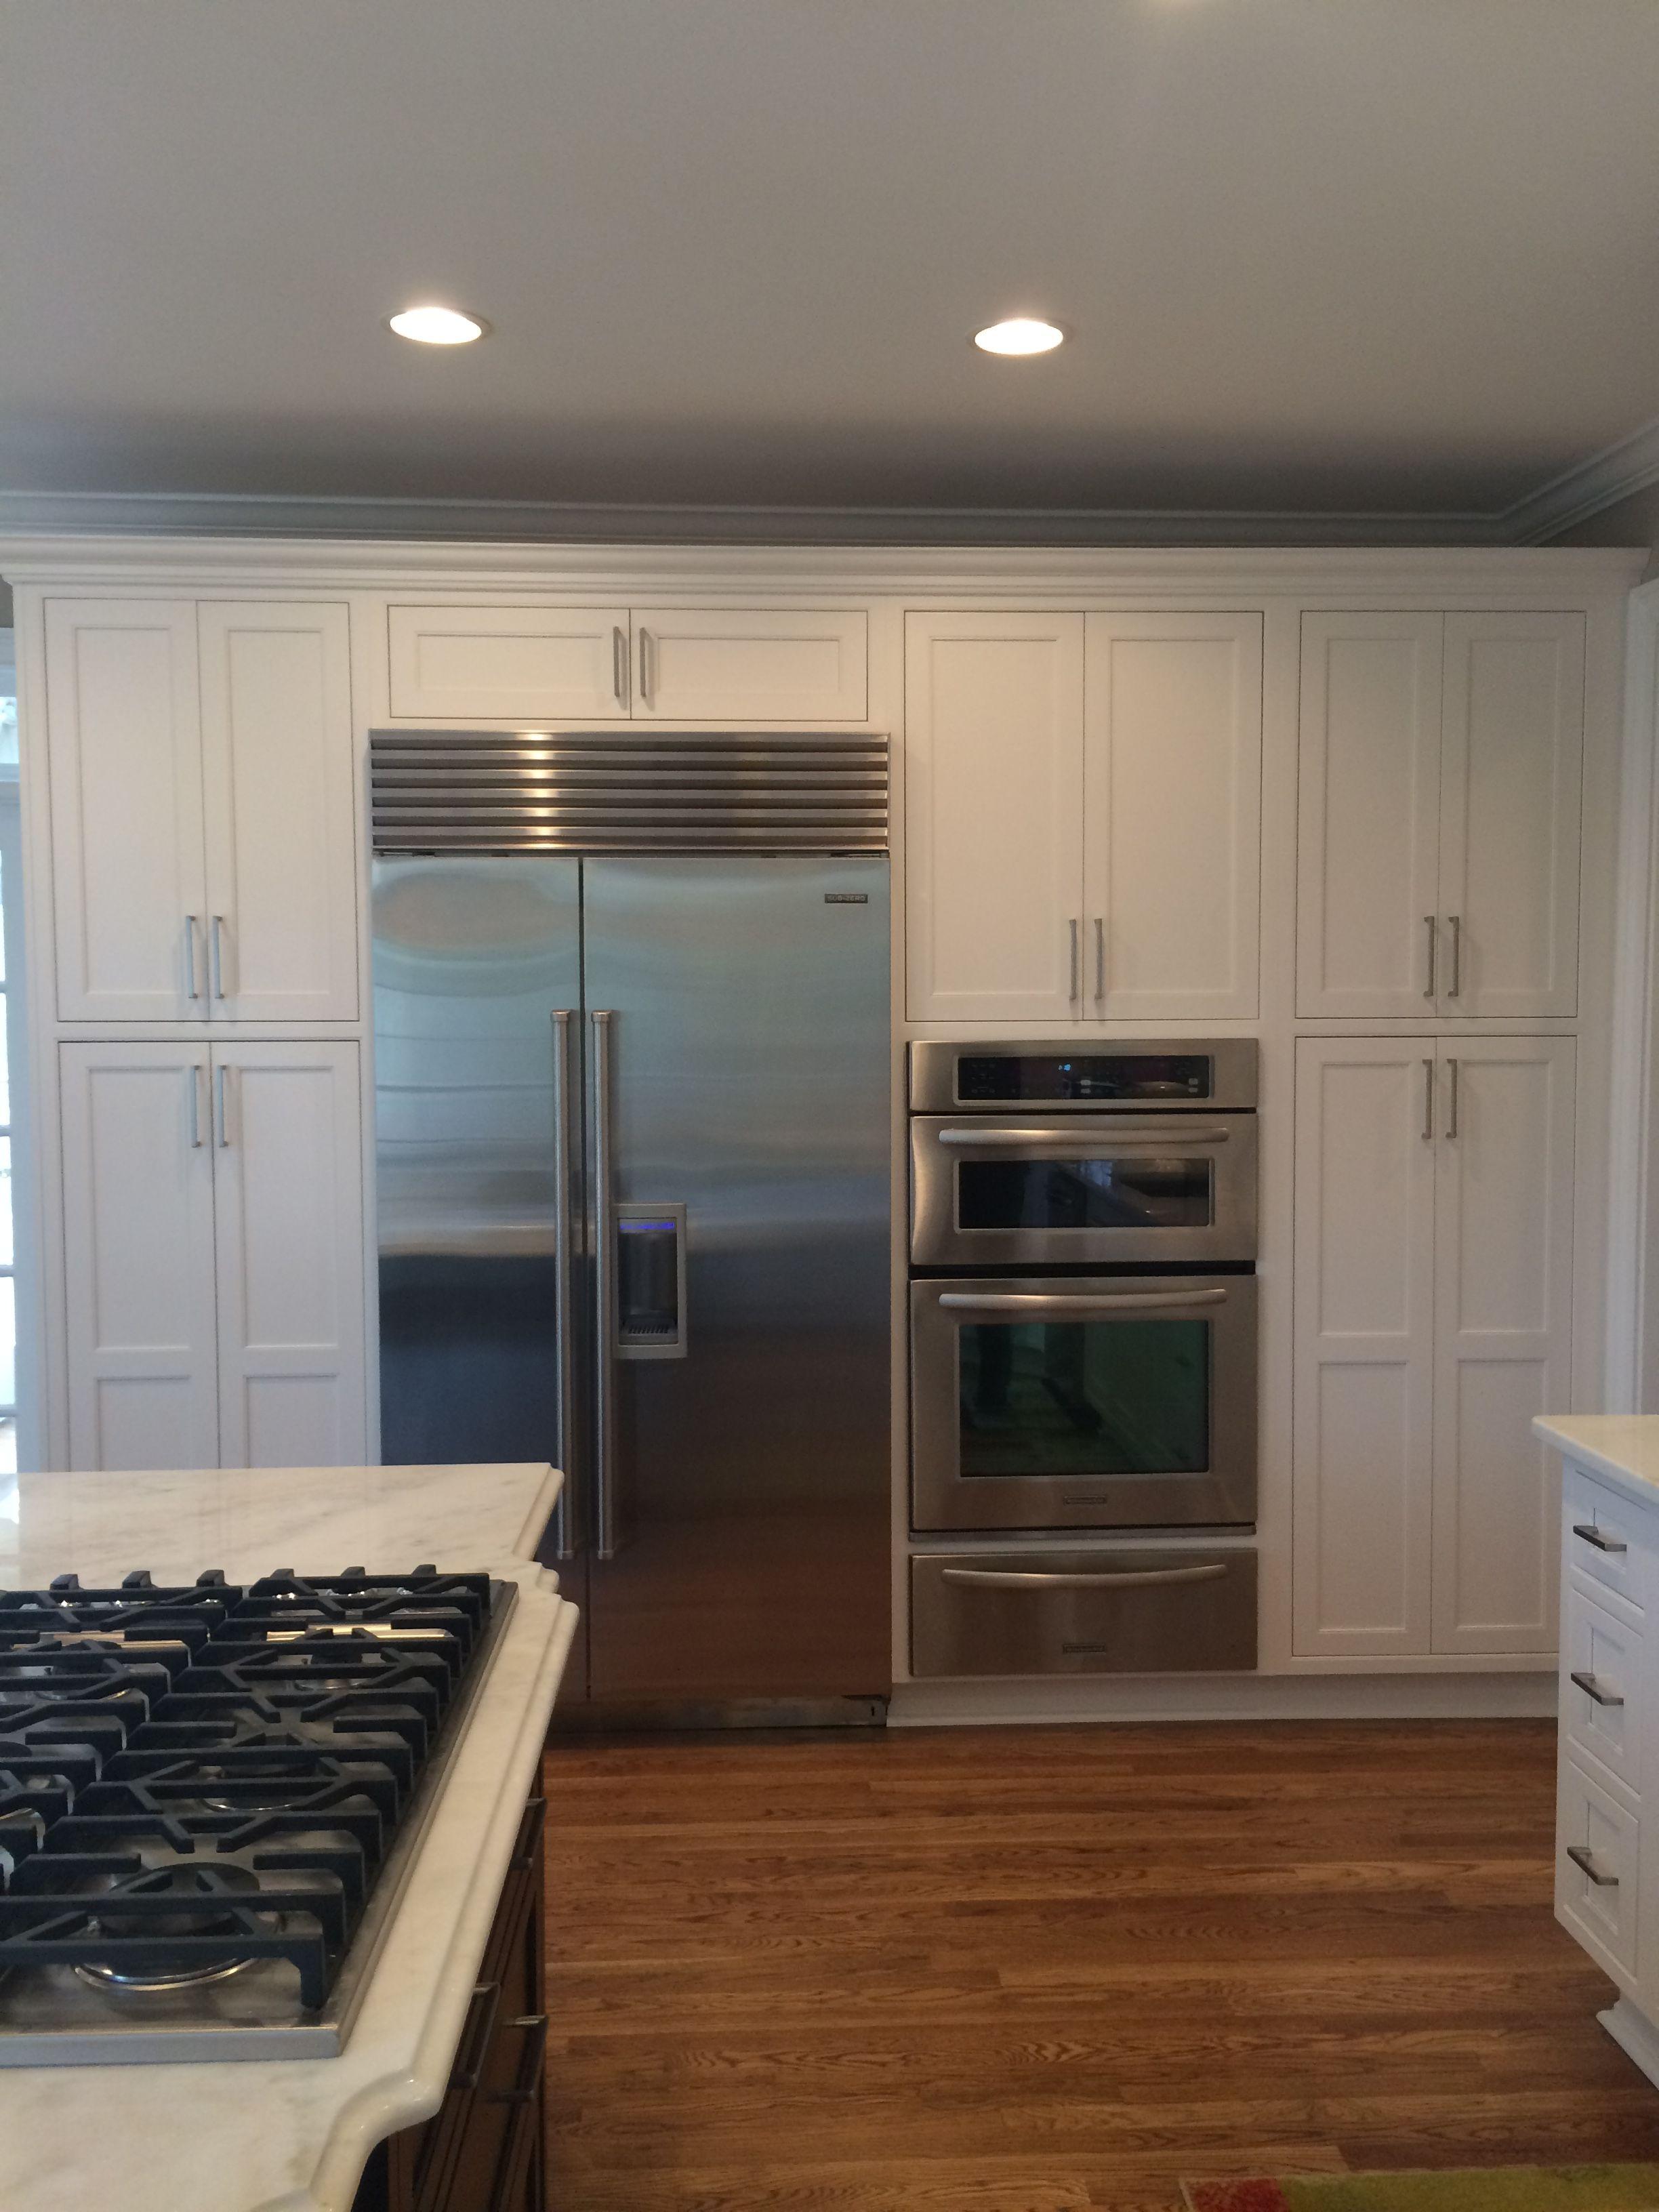 Koschere Küche Design - Schlafzimmer Überprüfen Sie mehr unter http ...